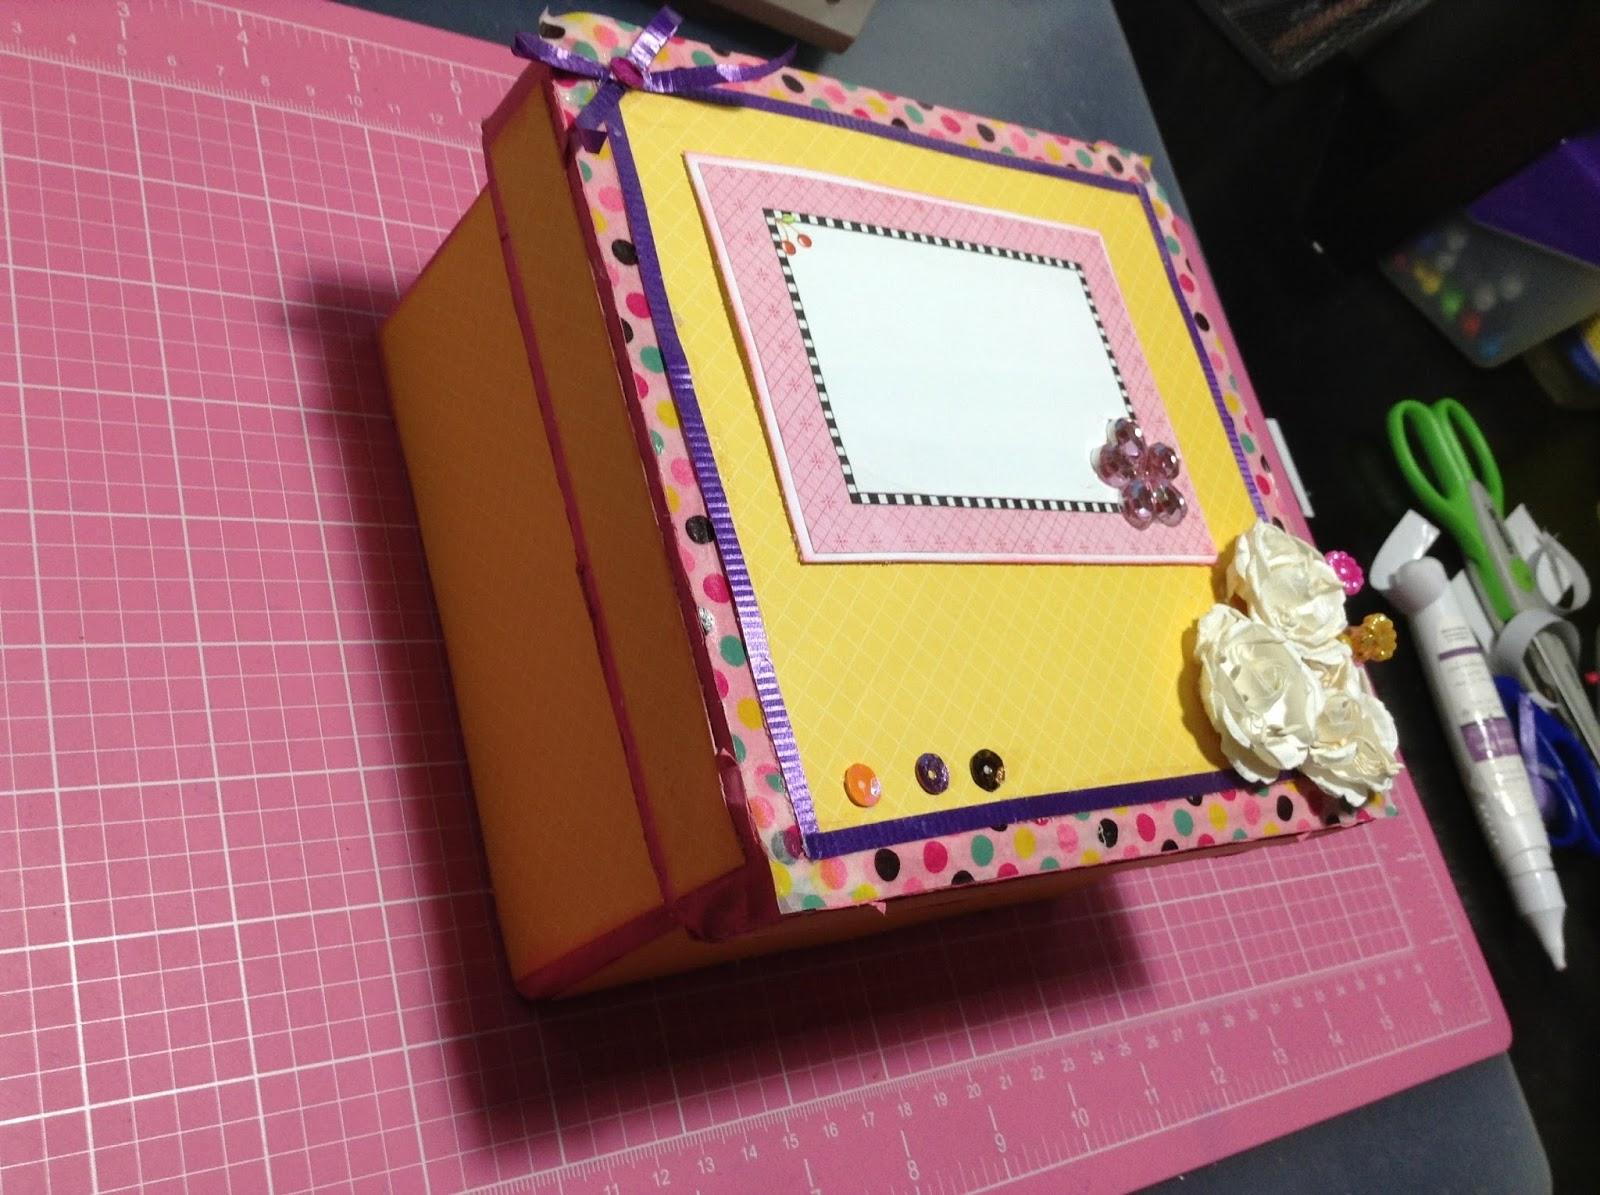 Todo sobre manualidades y artesan as cajas de cart n - Cajas grandes de carton decoradas ...